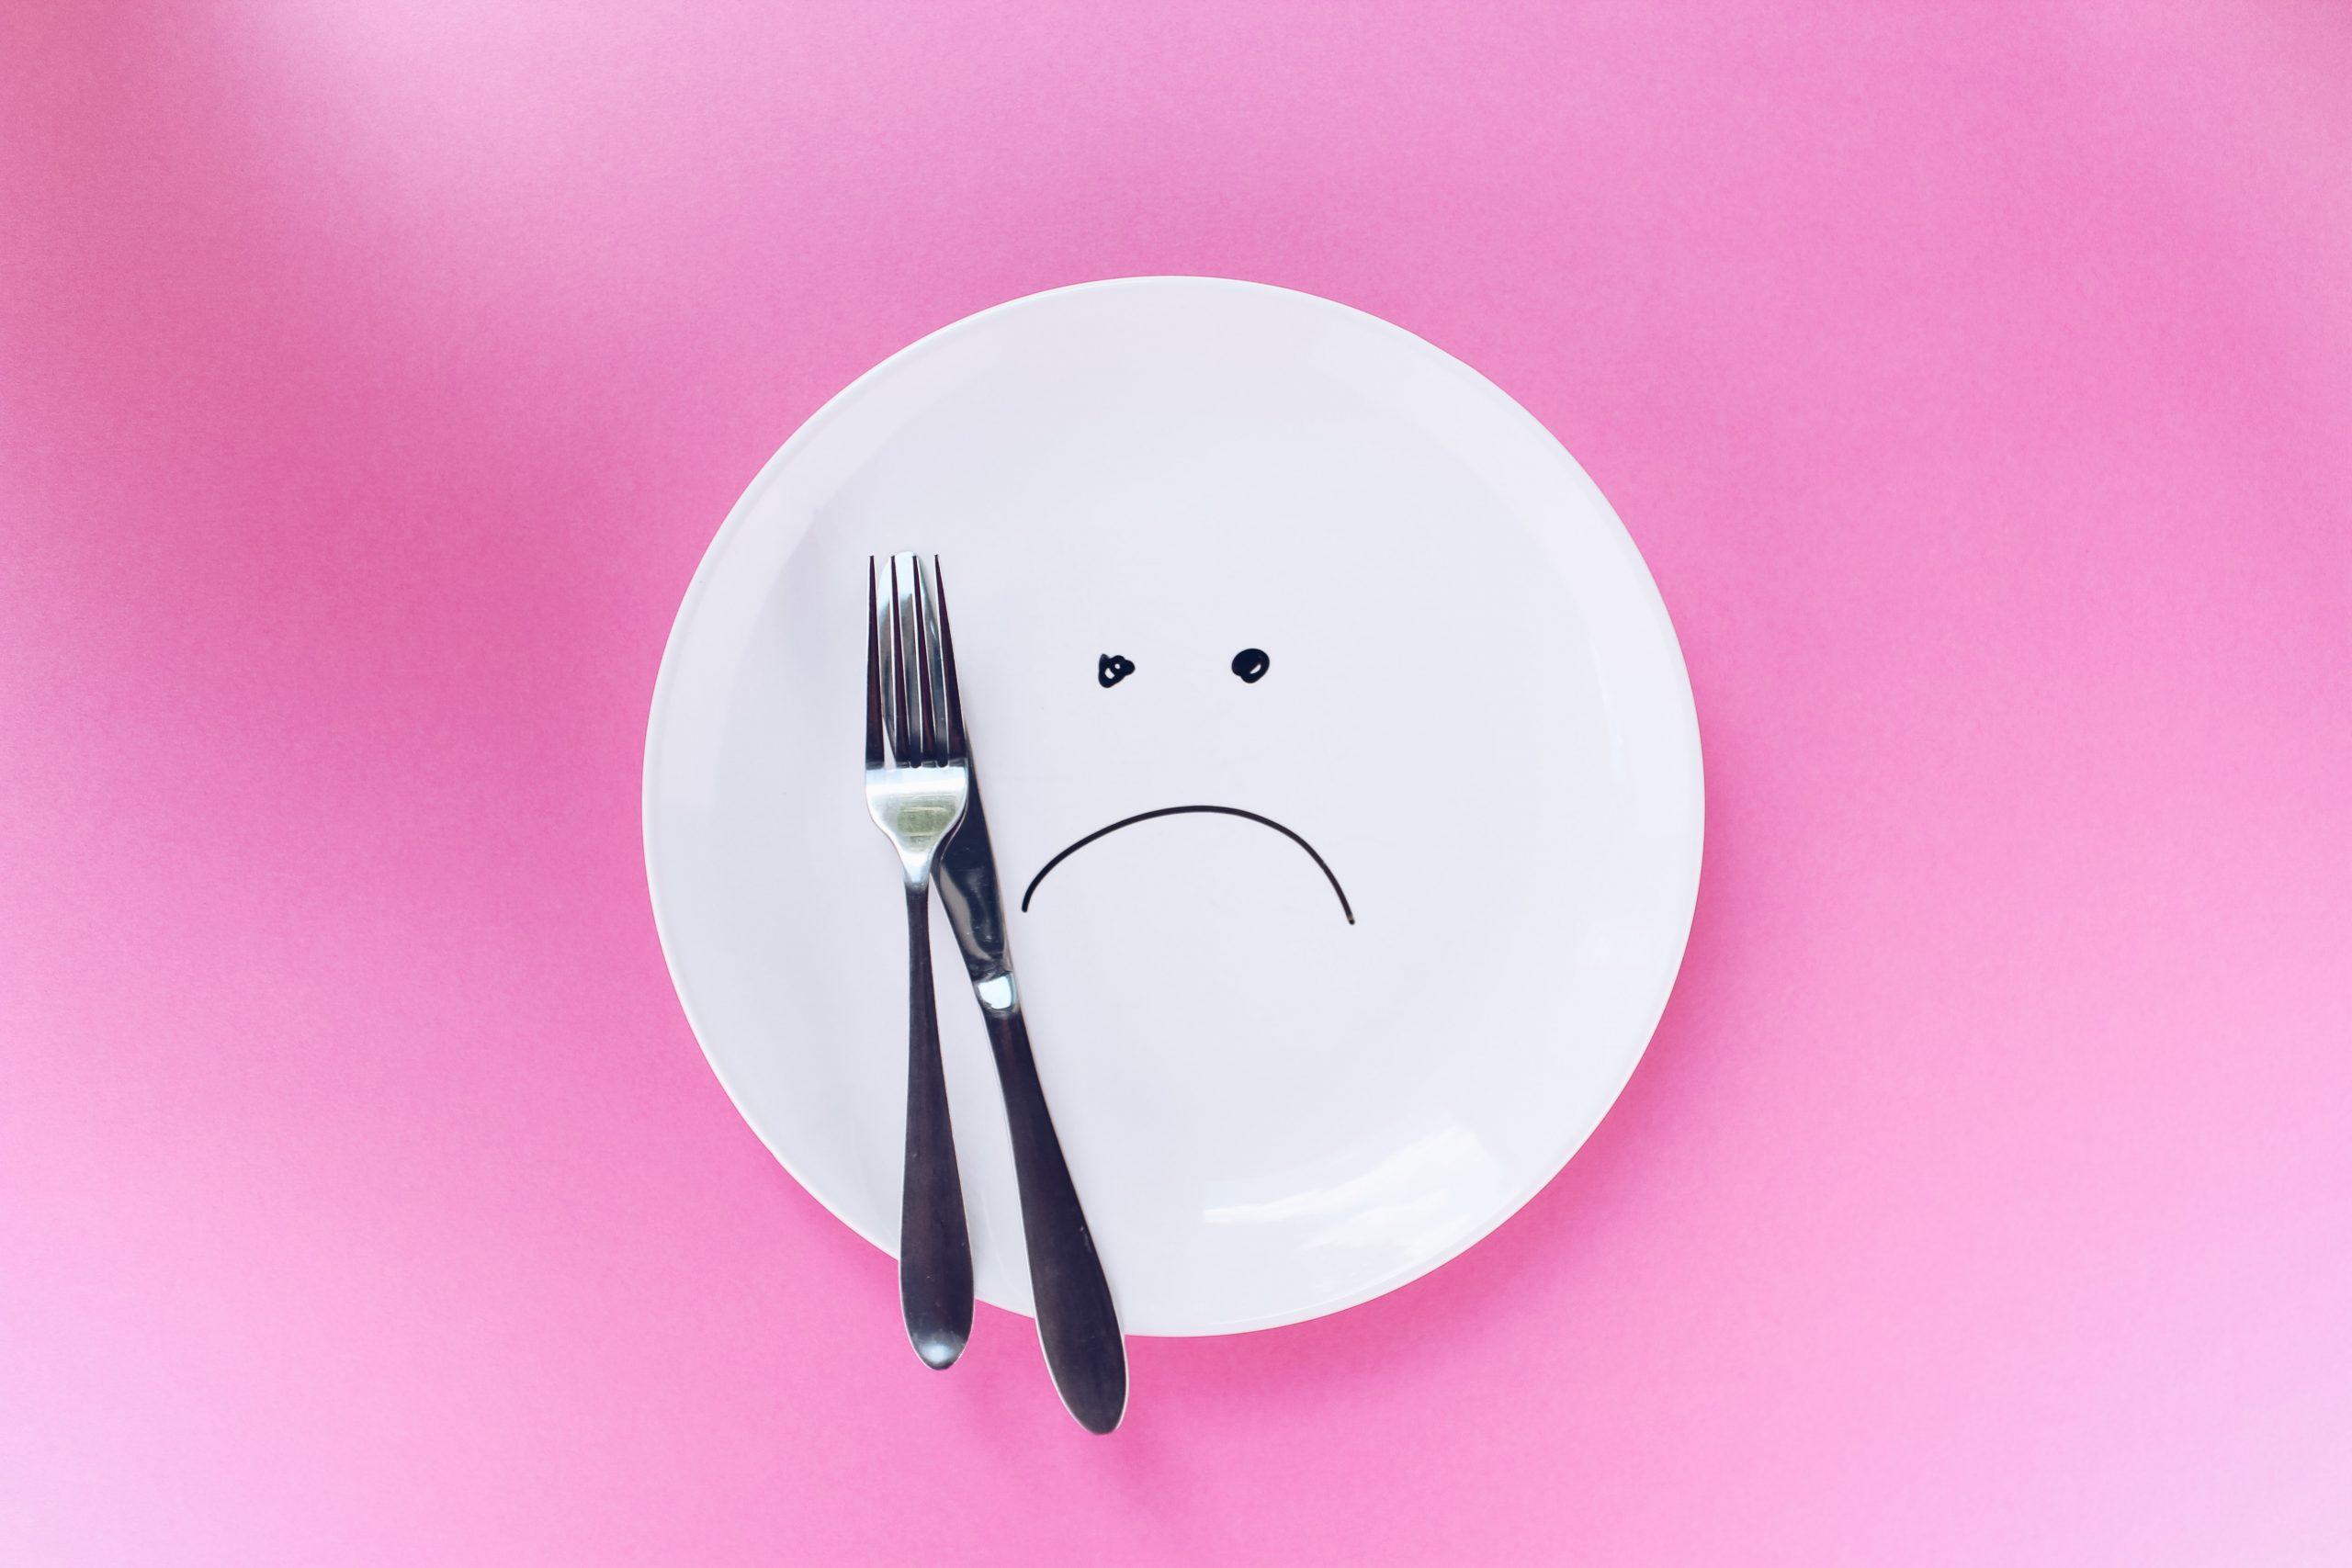 Popular diet trends